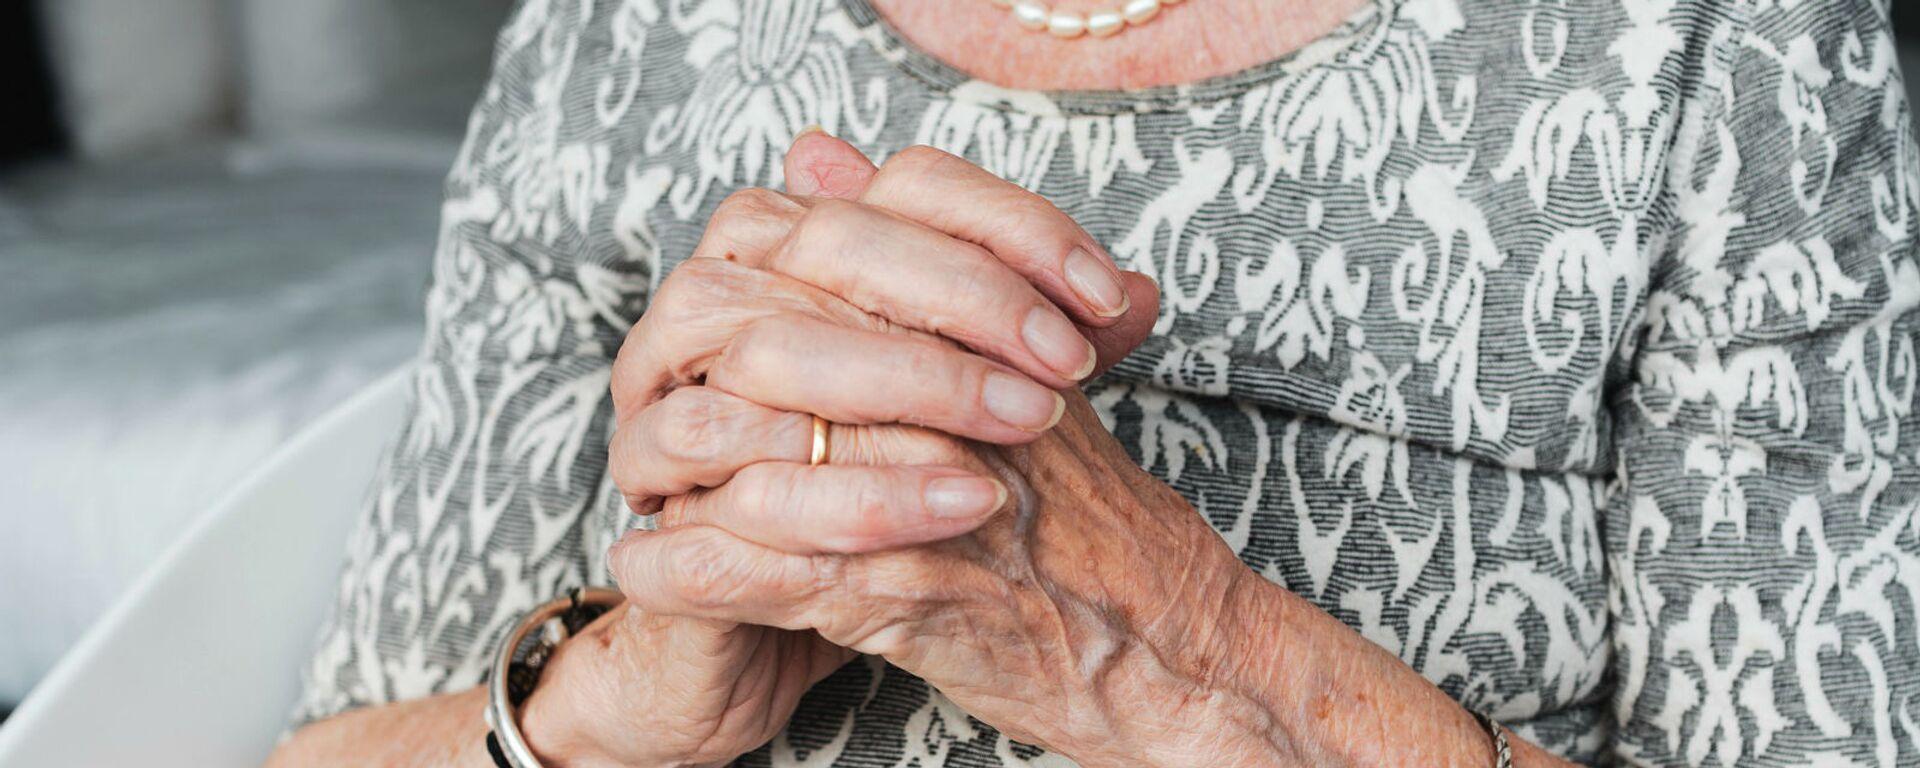 Руки пожилой женщины - Sputnik Армения, 1920, 19.01.2021